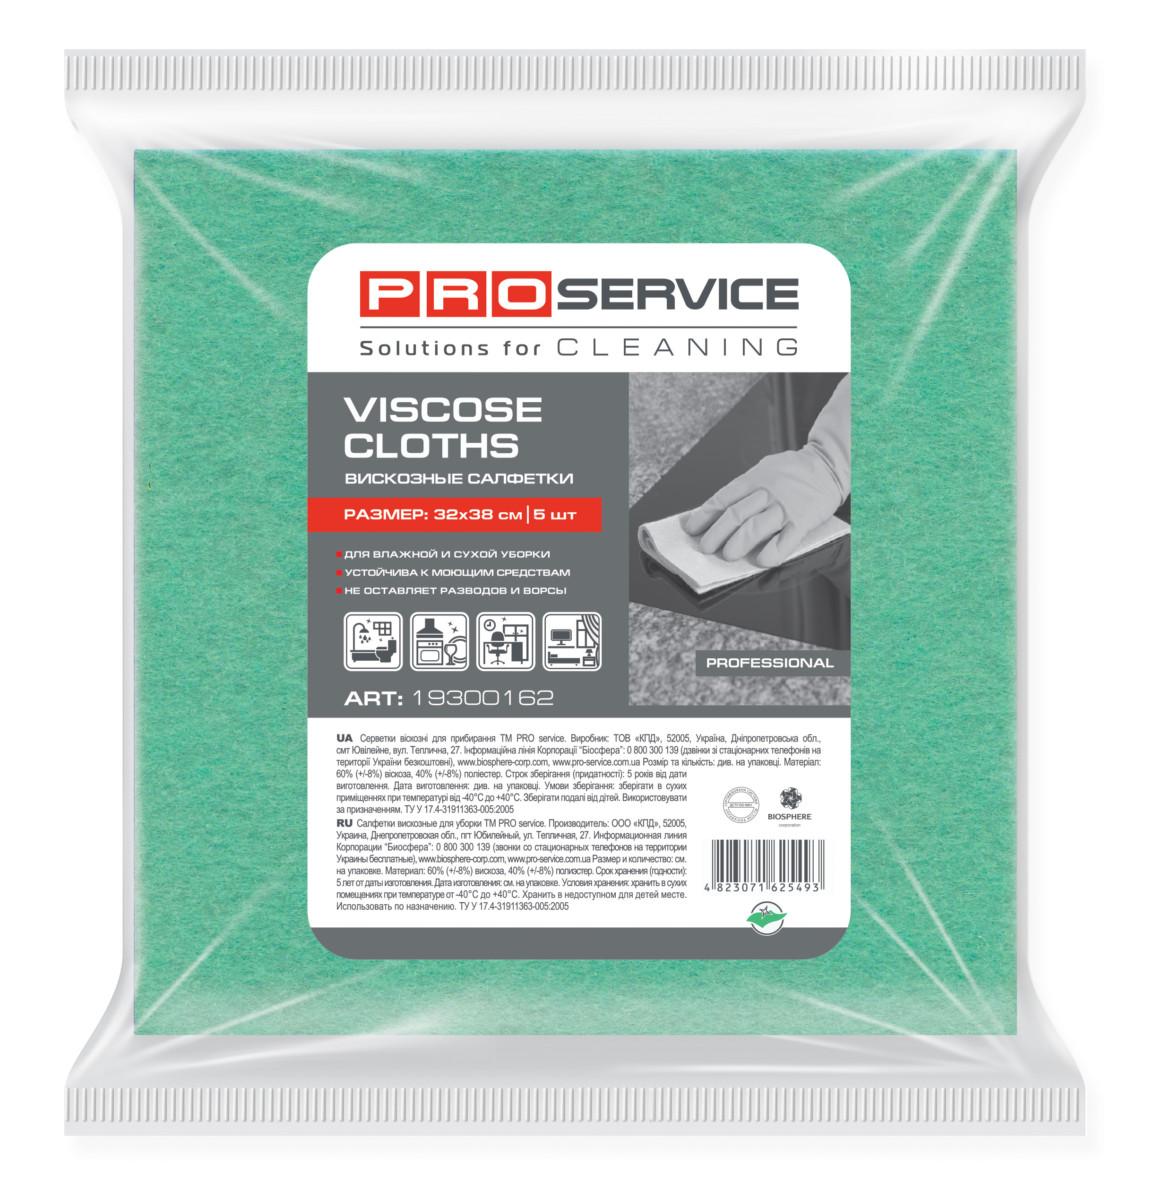 Серветки віскозні PRO service Professional зелені, 5 шт- Фото - Biosphere